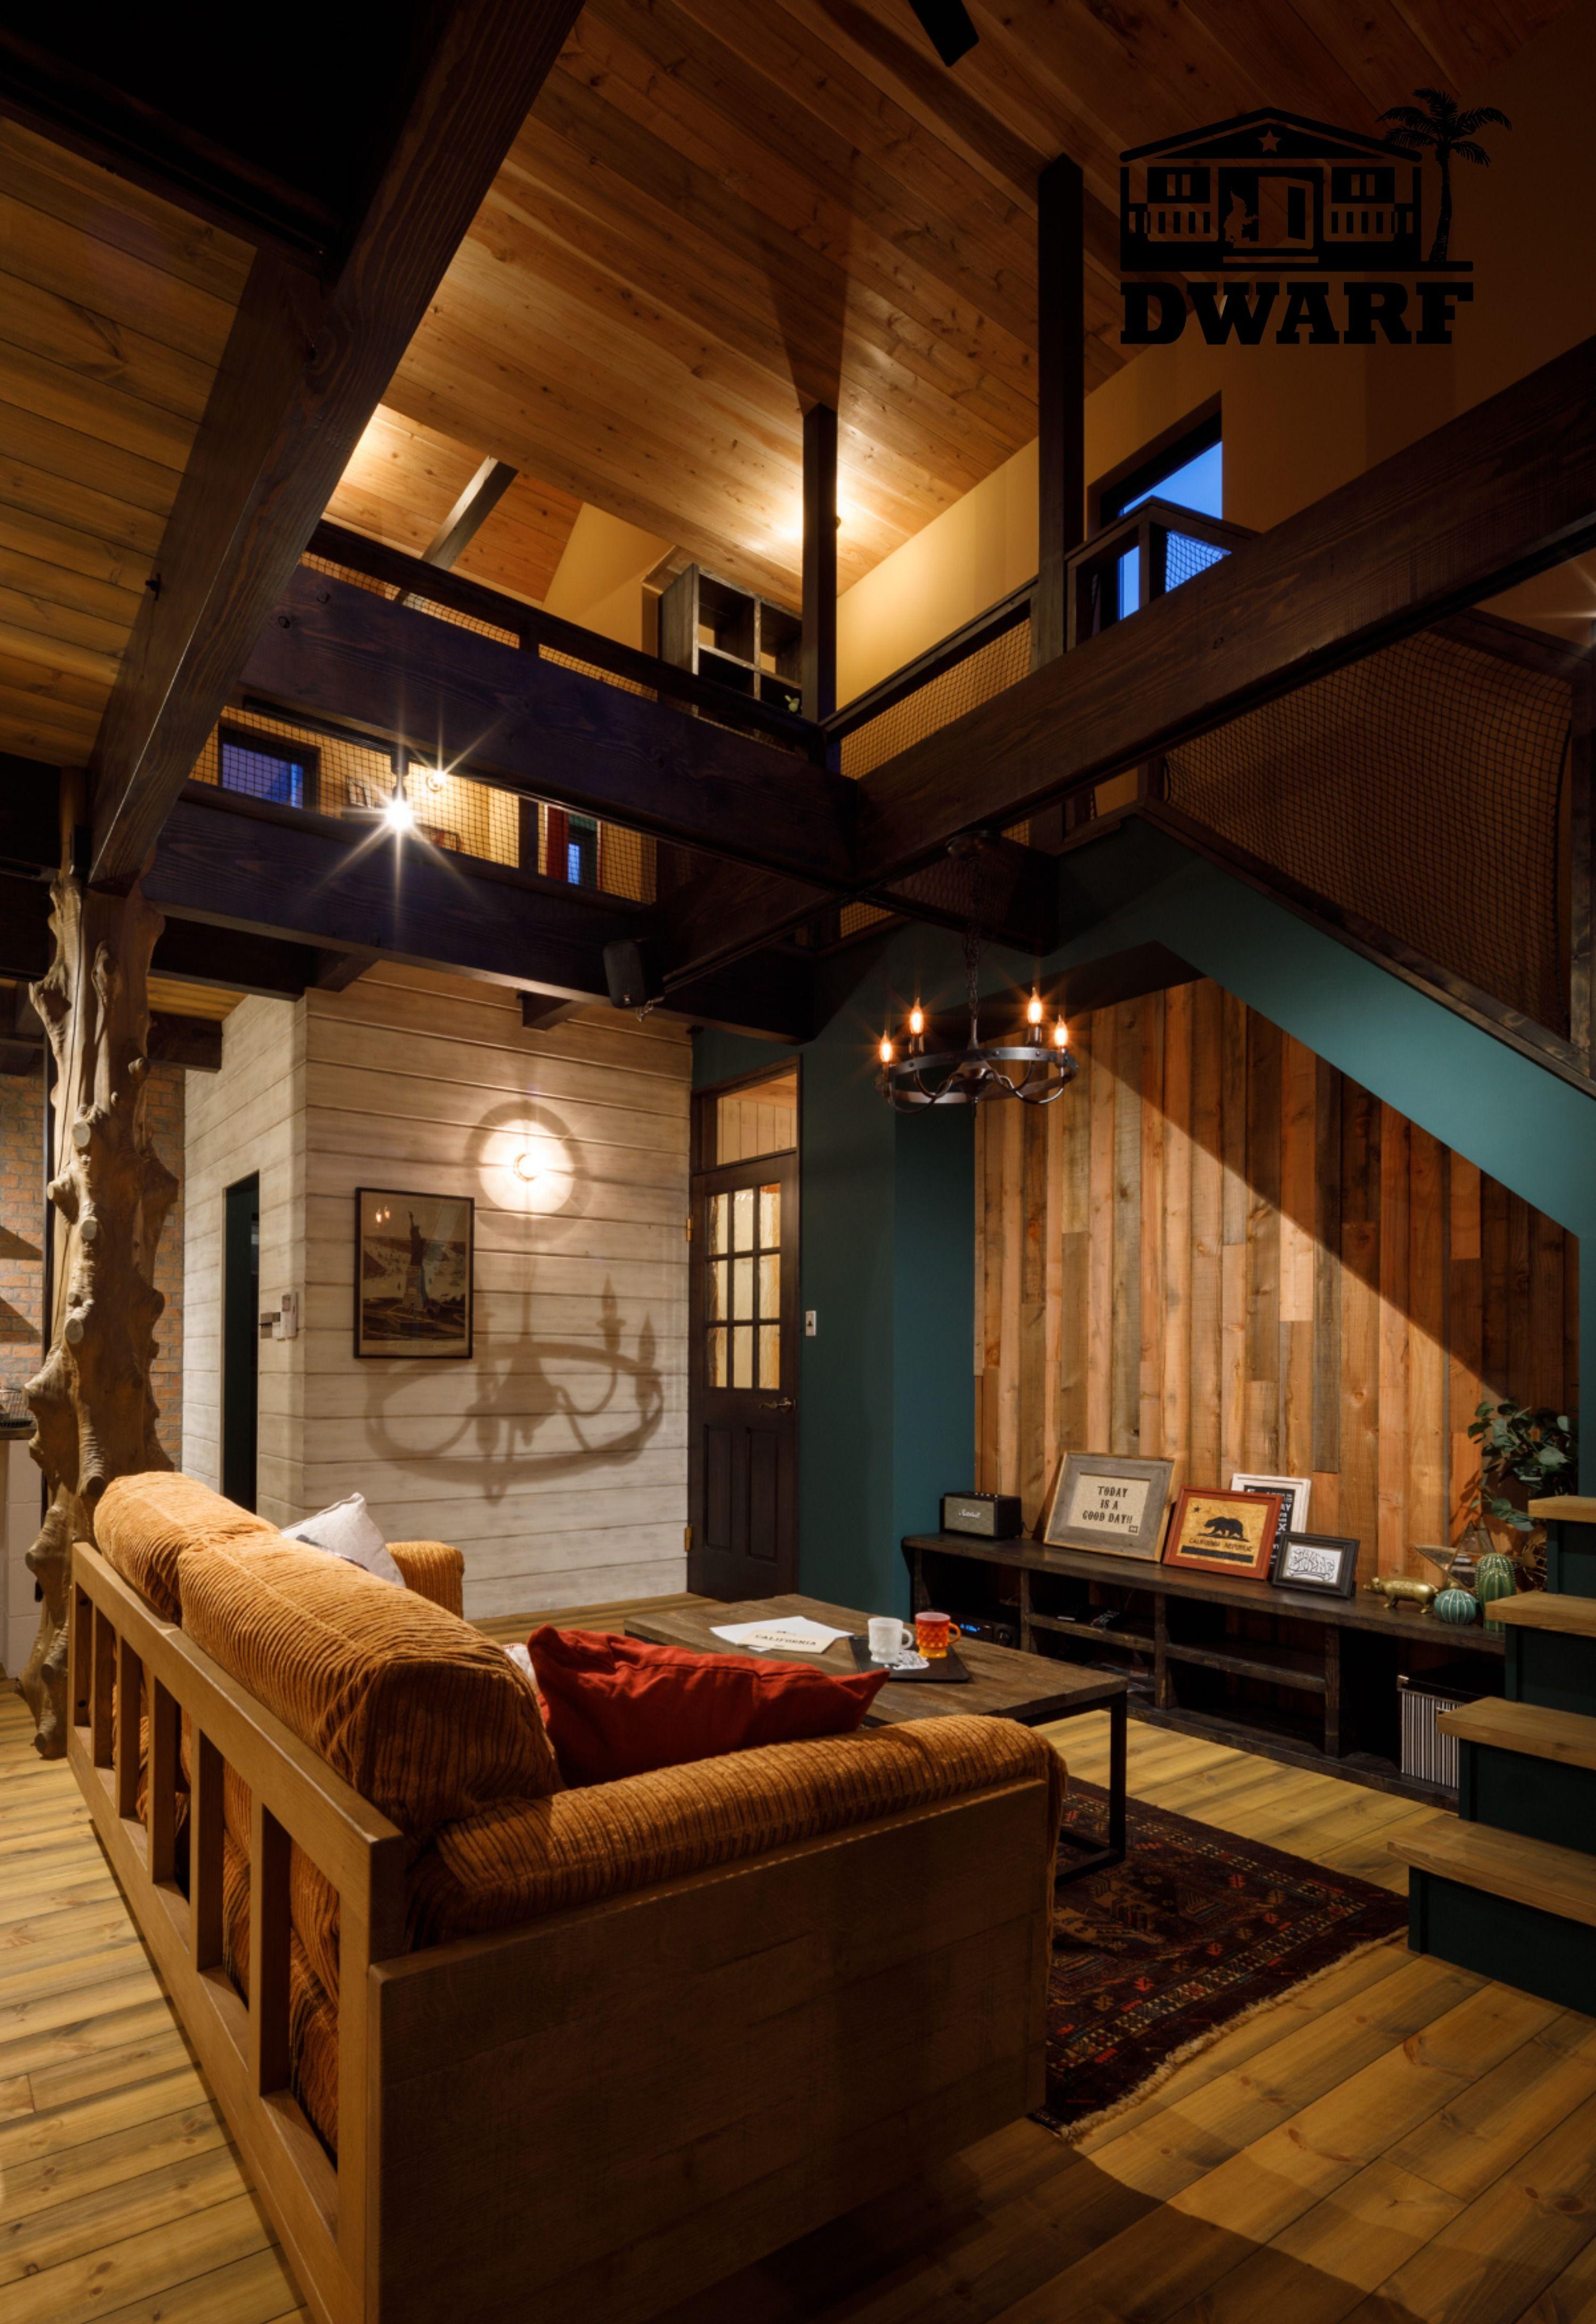 どこか懐かしい雰囲気を感じるインテリア ハウスデザイン